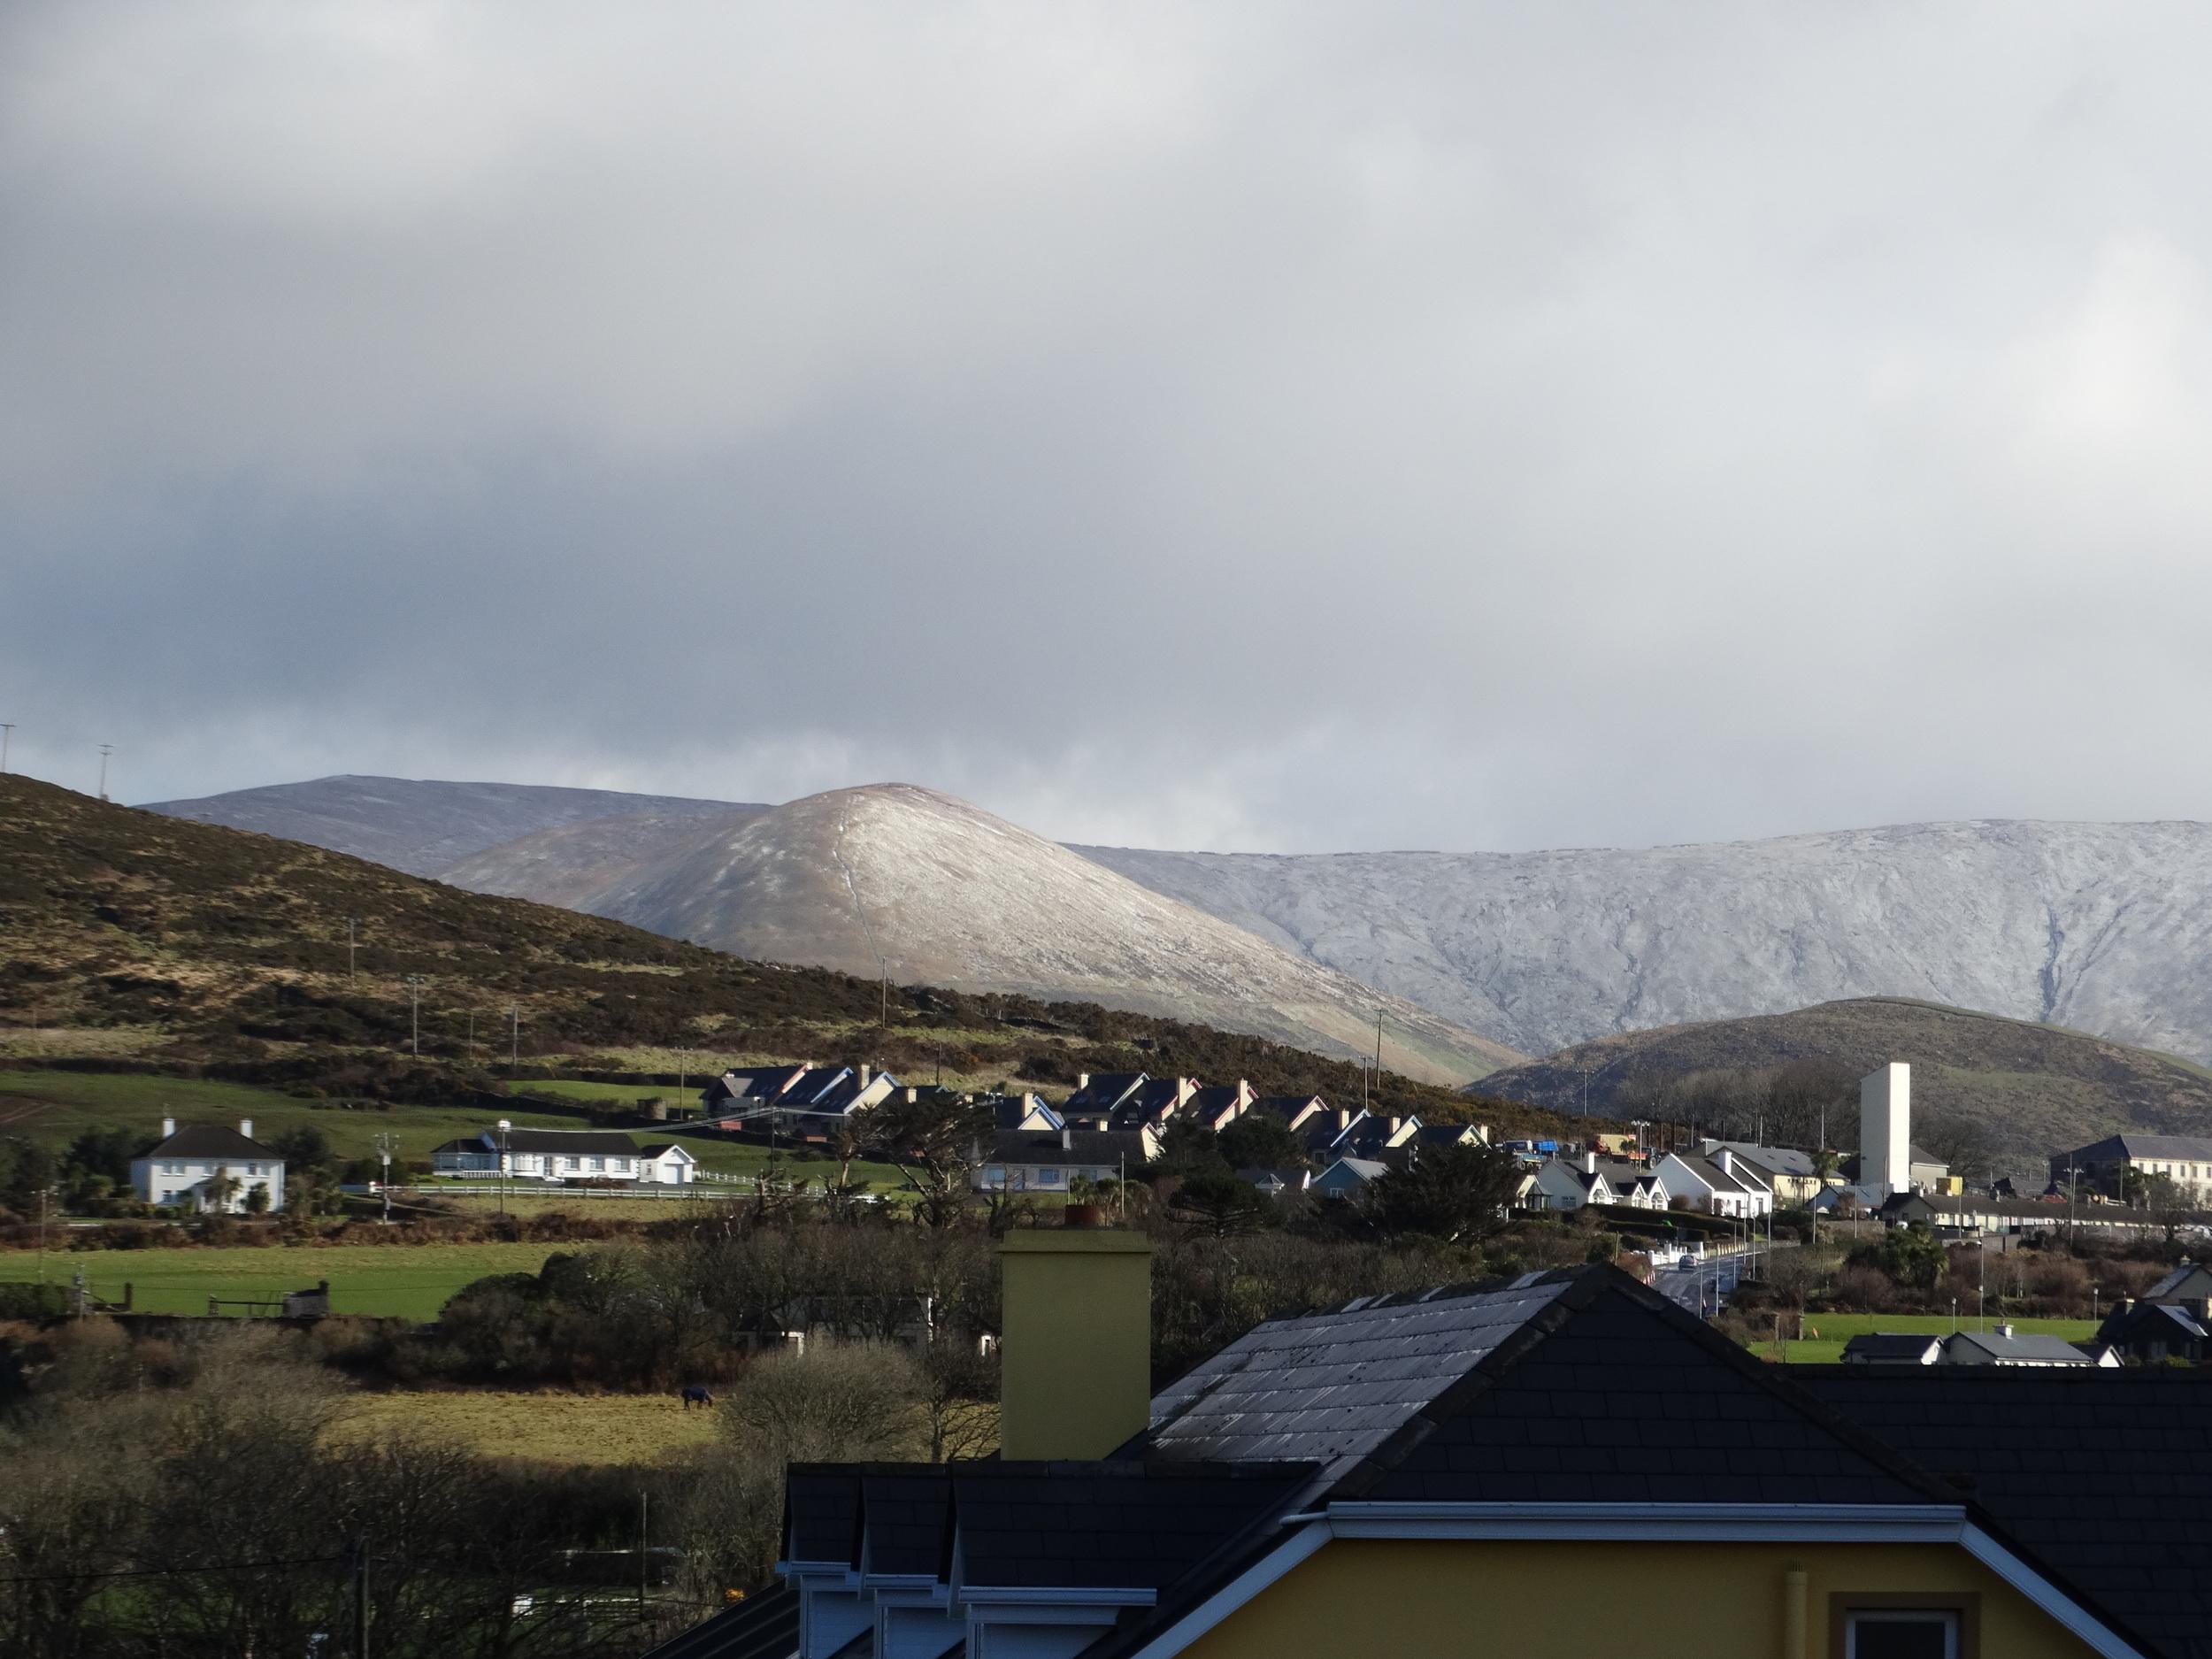 2016-02 View towards mountains 2.jpg